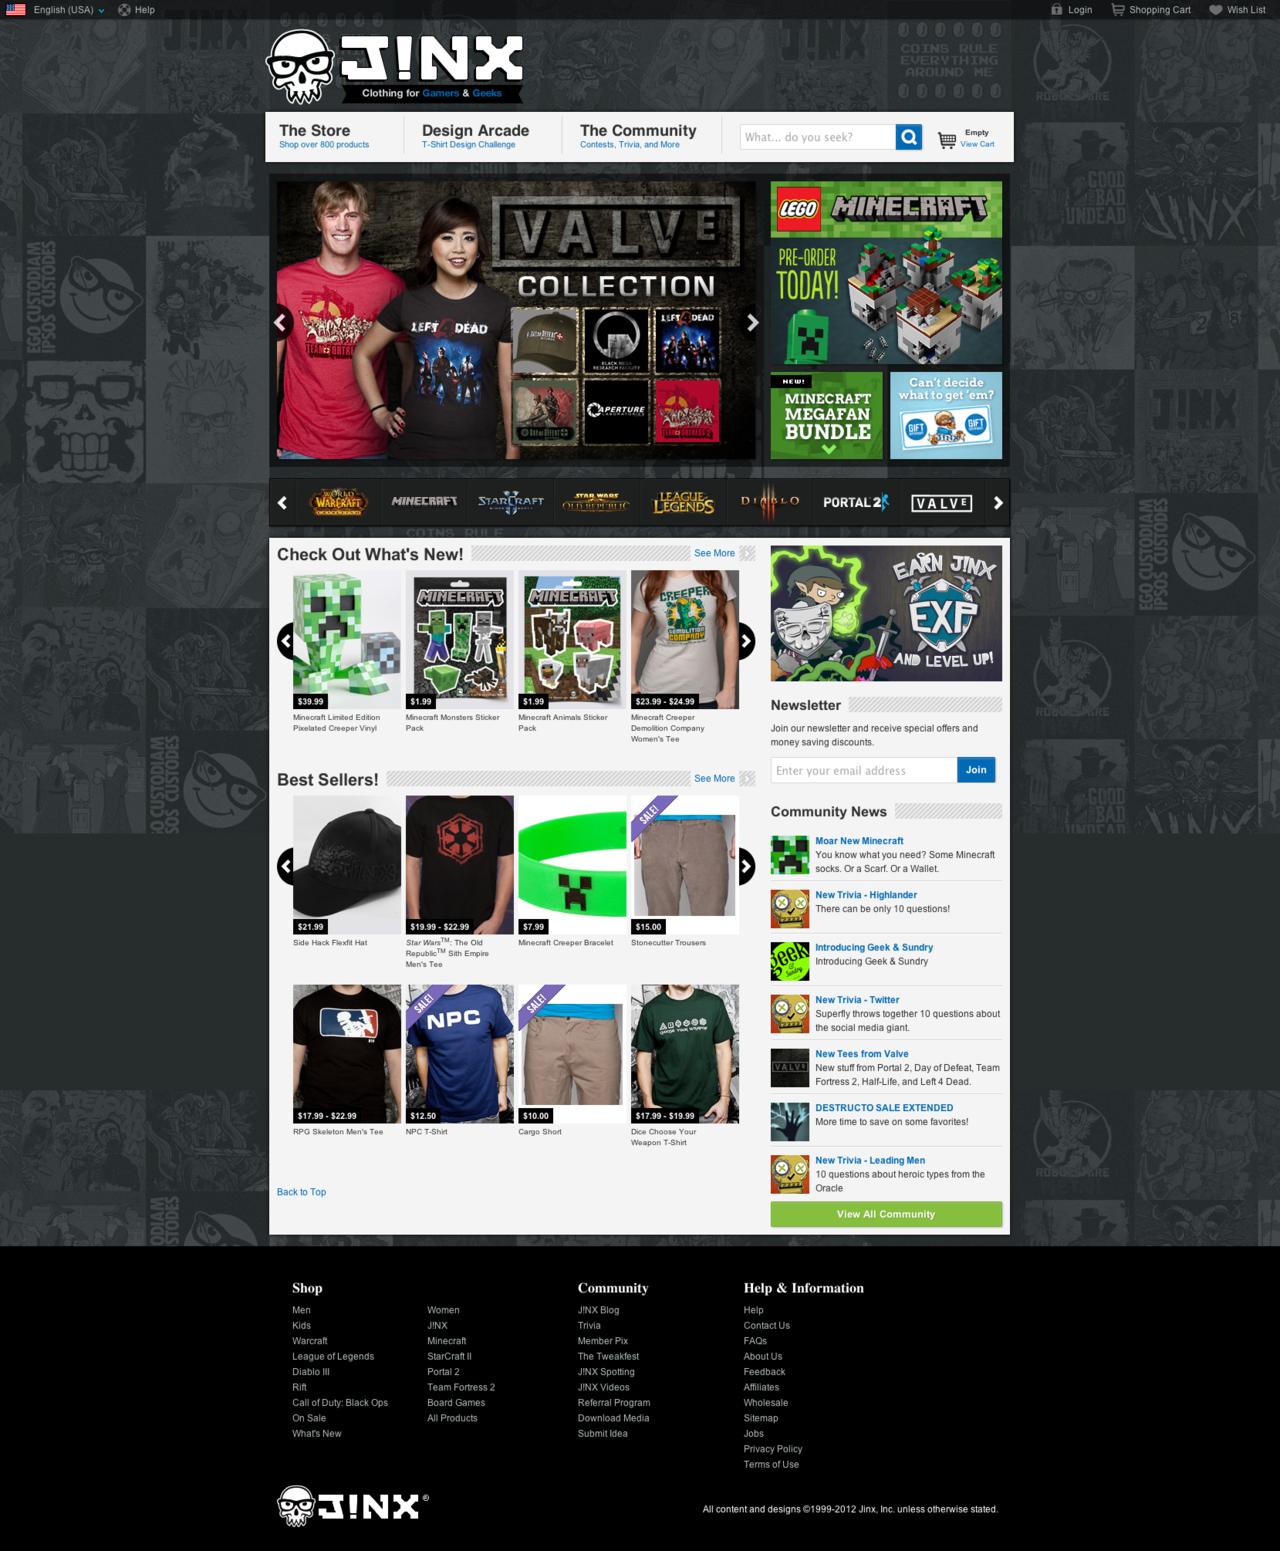 www.jinx.com